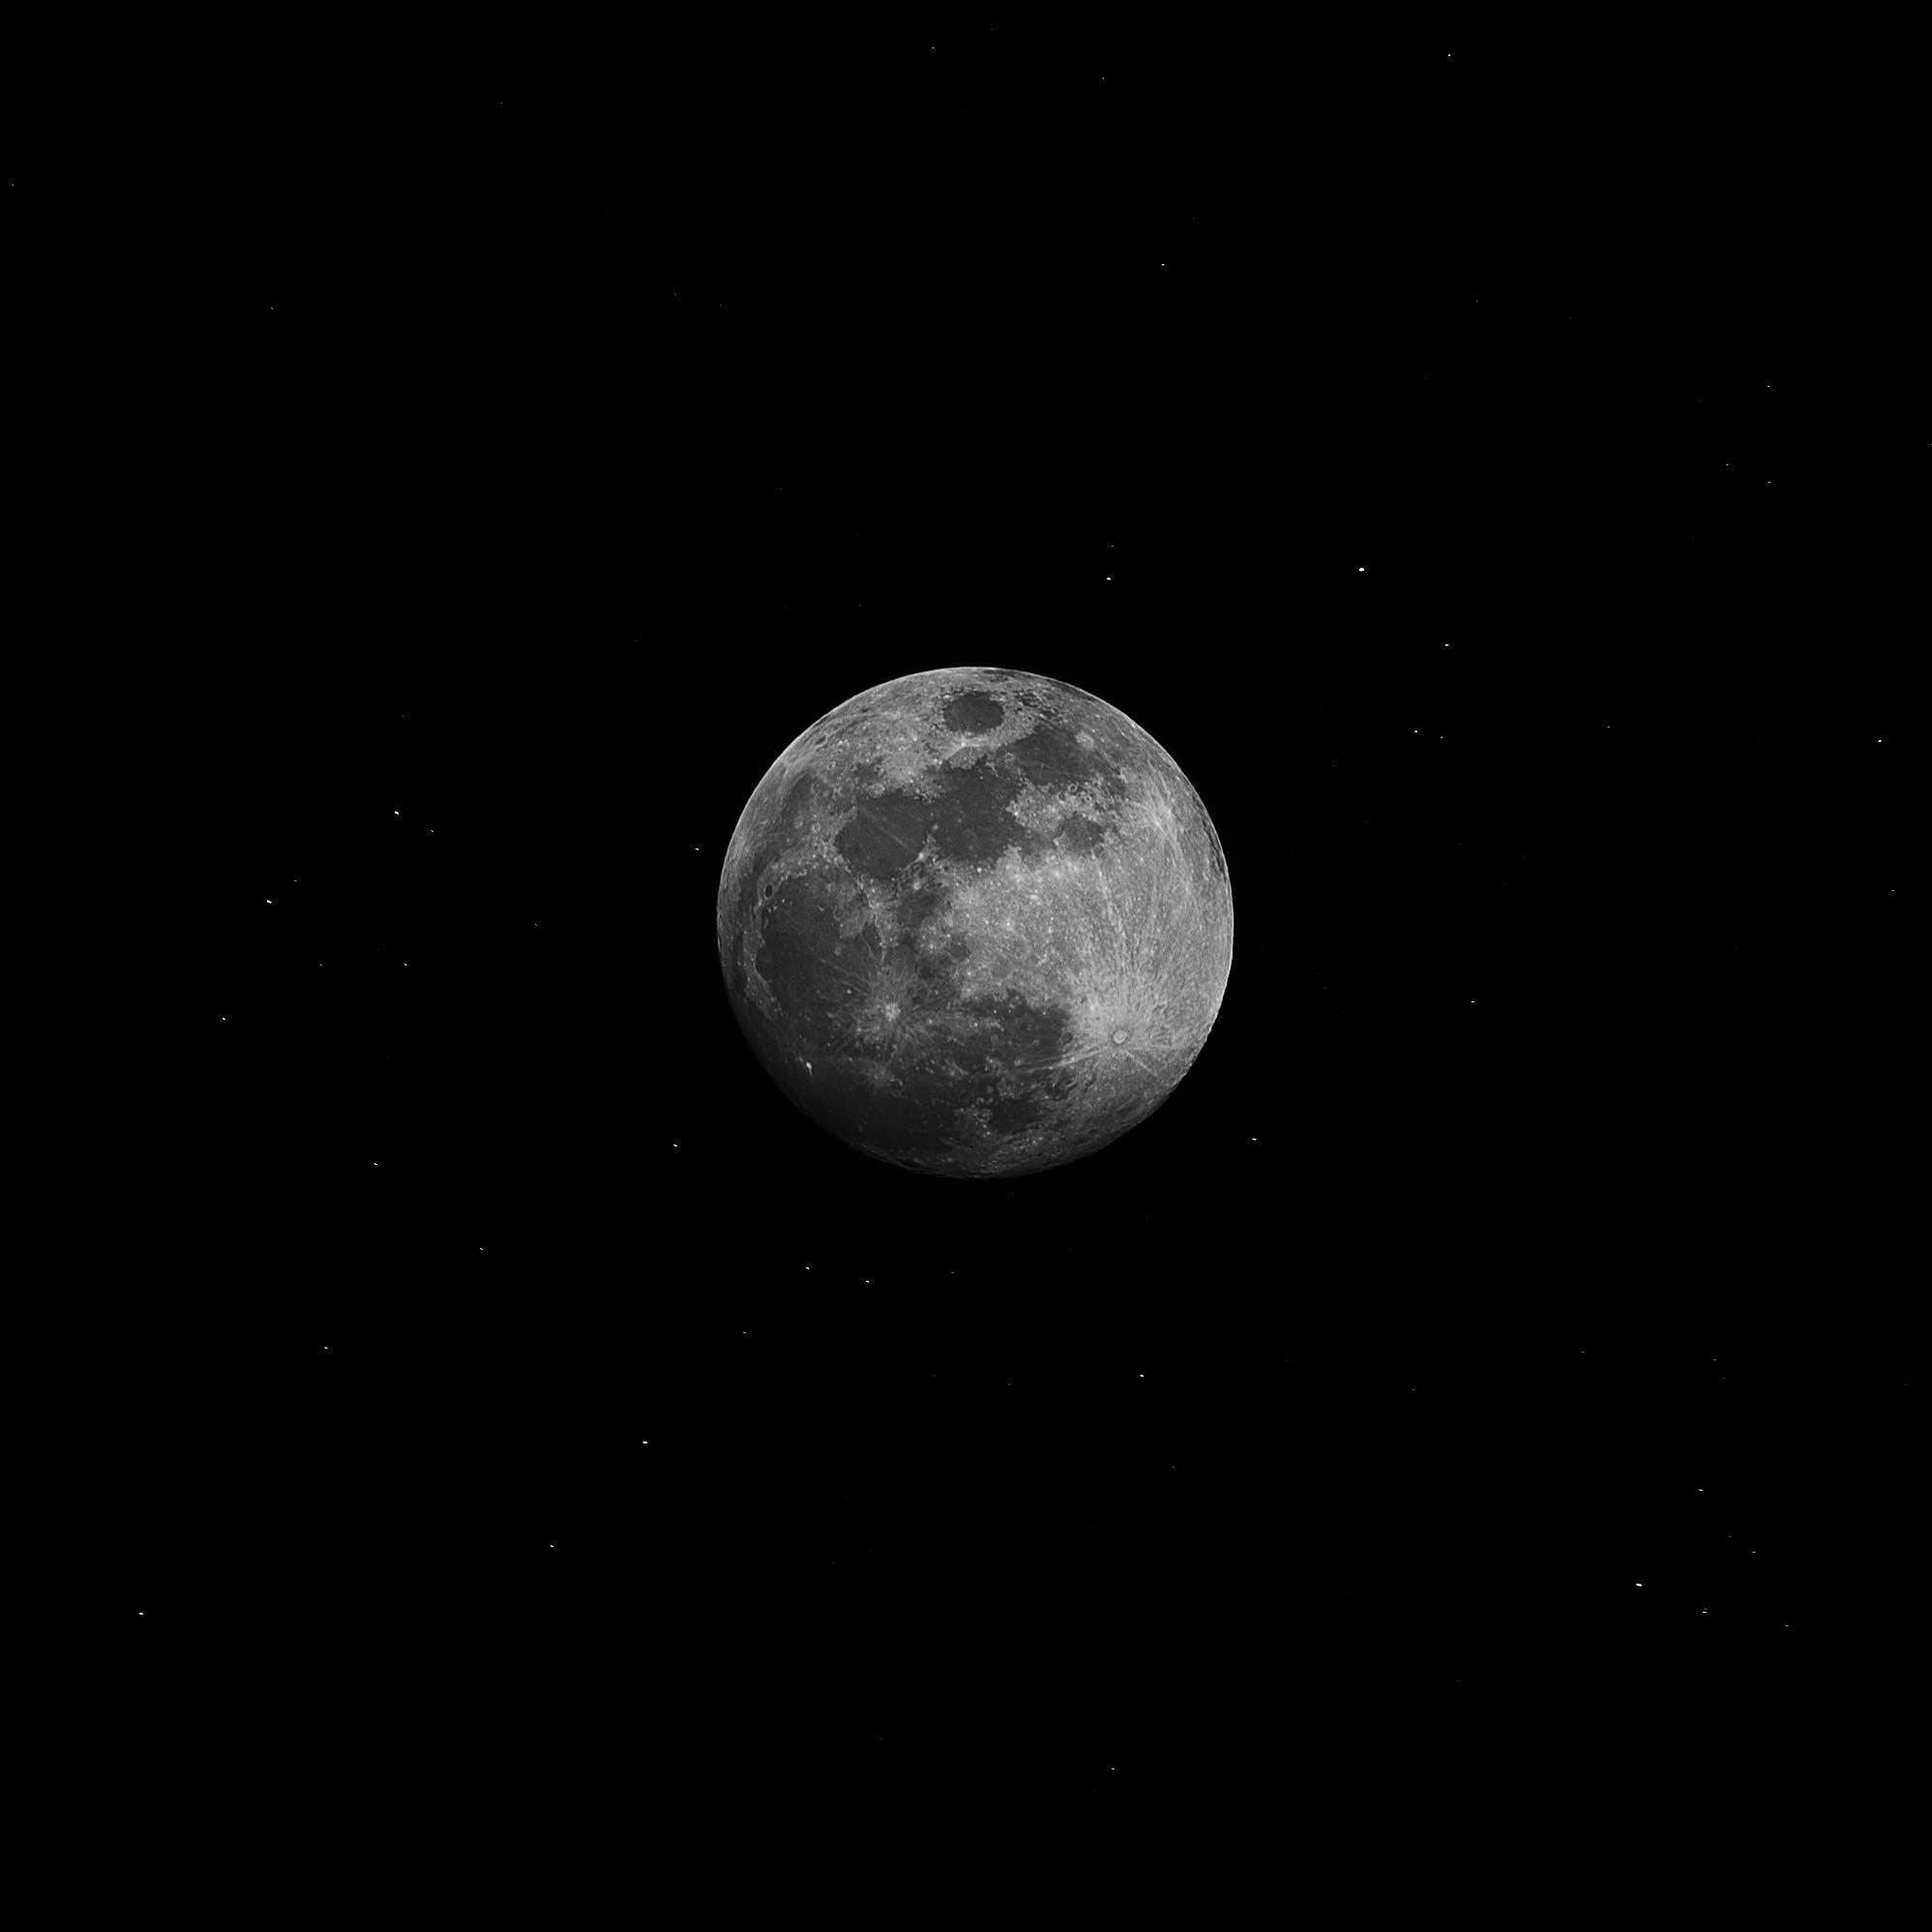 Астрология, Астрономия, кратер